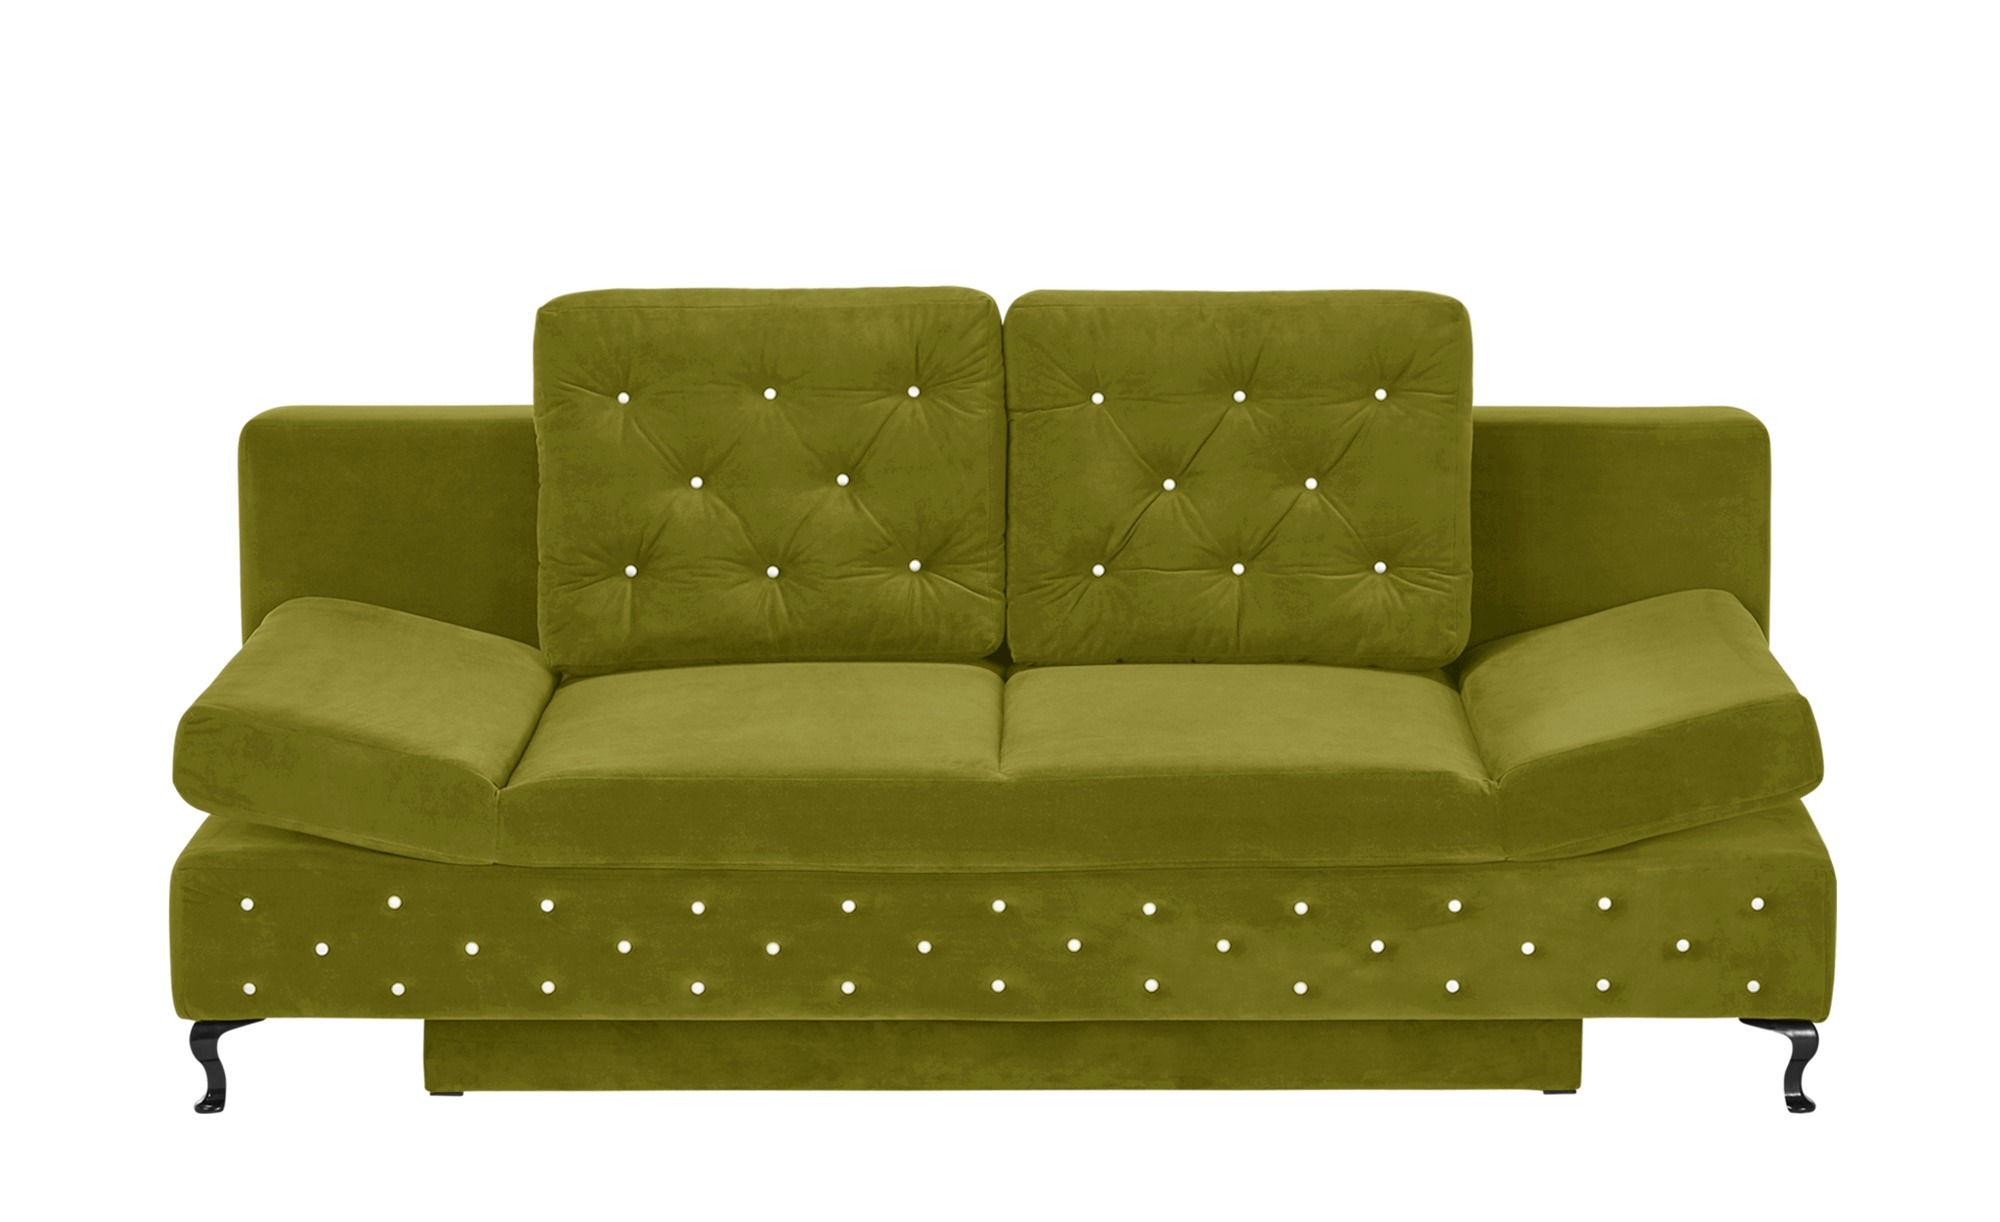 switch Schlafsofa olivgrün - Mikrofaser Riviera ¦ grün ¦ Maße (cm): B: 202 H: 75 T: 94 Polstermöbel > Sofas > Einzelsofas - Höffner